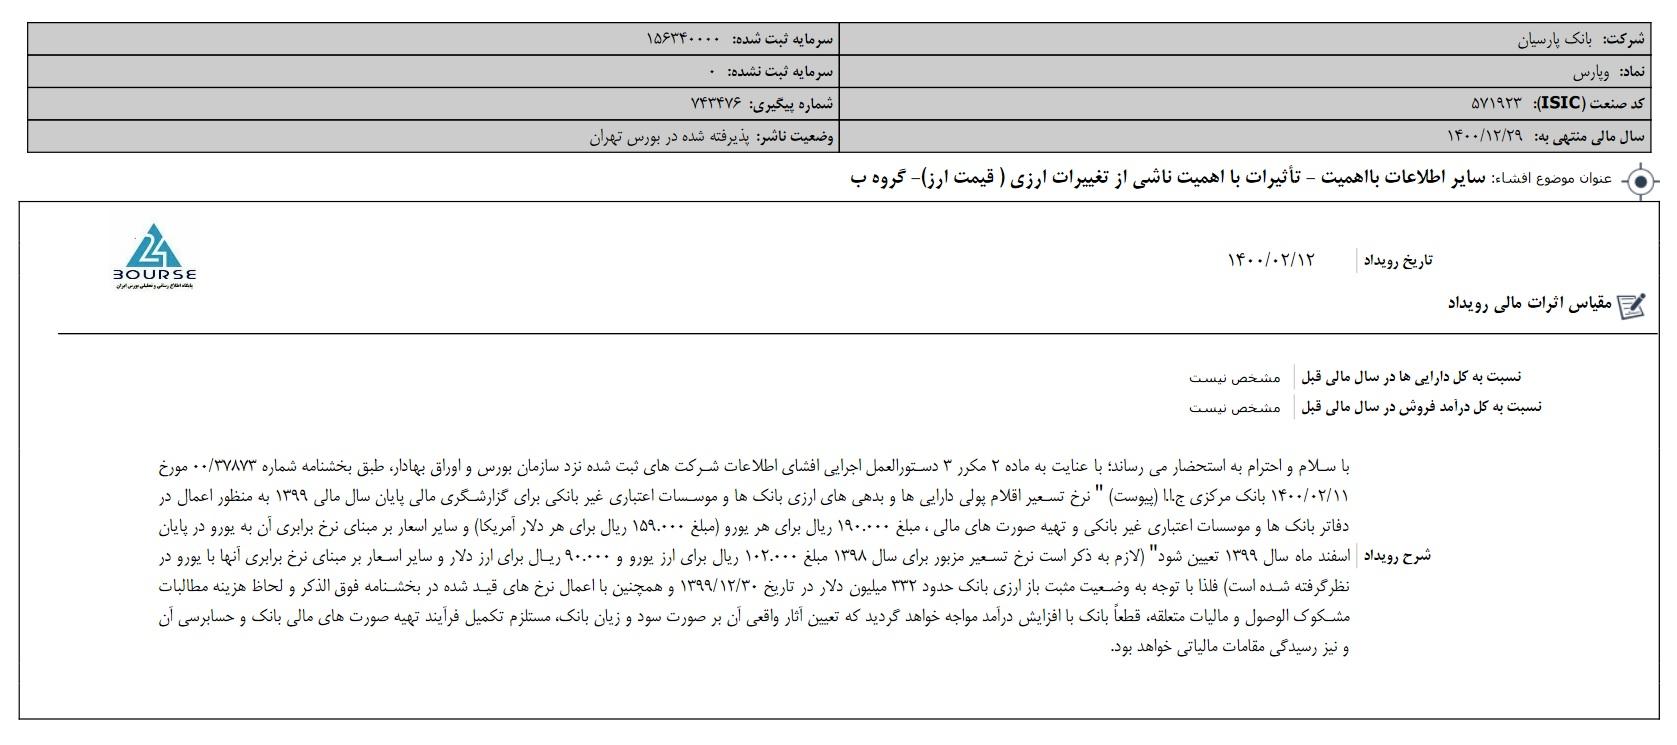 اصلاحیه بانک پارسیان در خصوص وضعیت ارزی